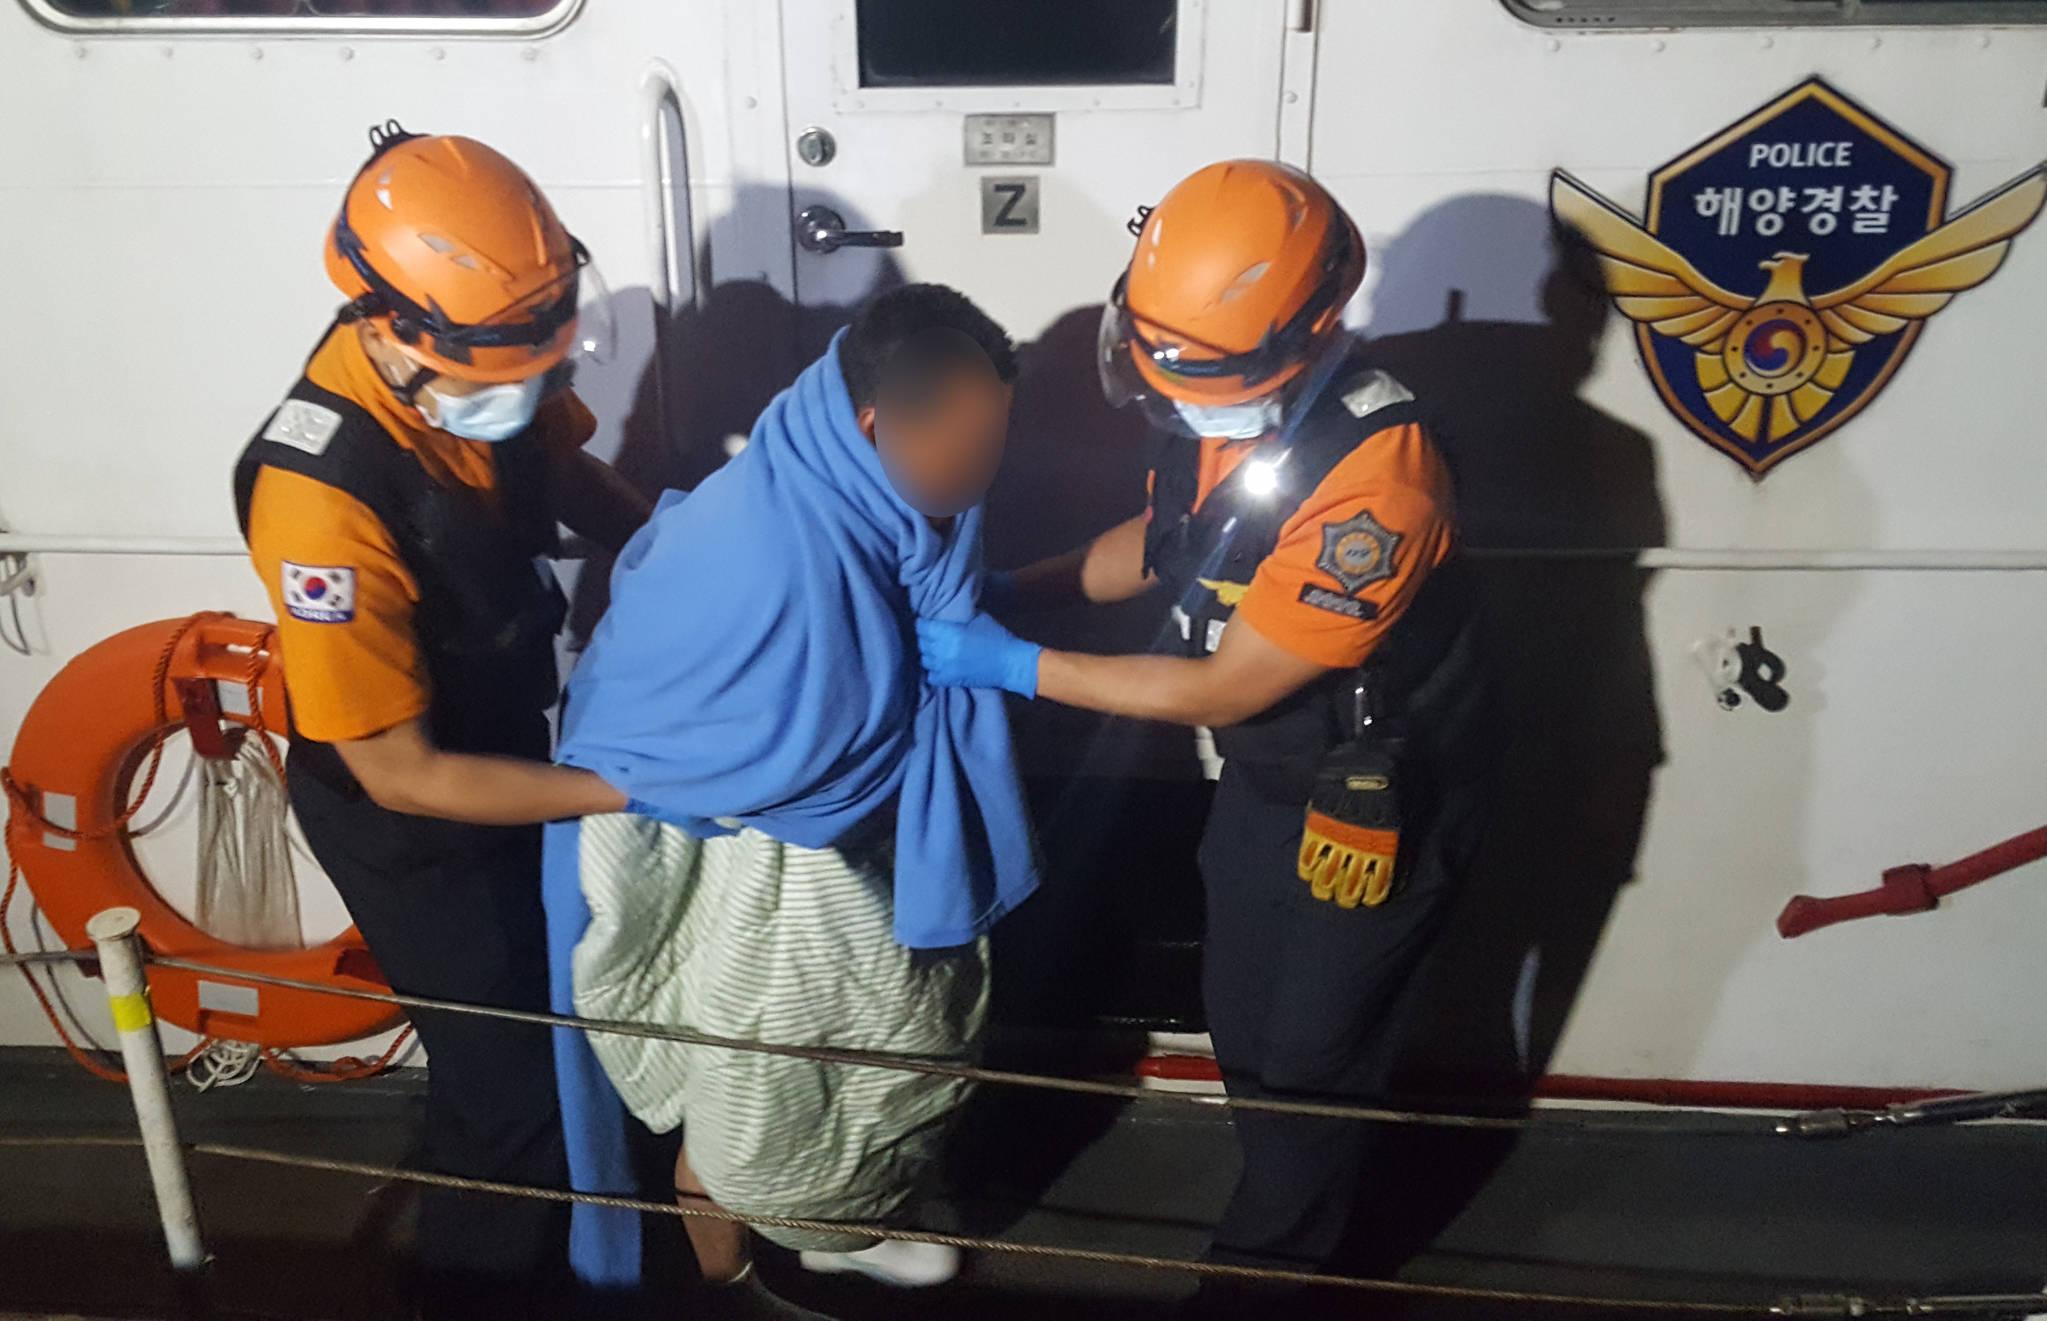 8일 오후 소방대원이 전북 군산시 어청도 인근 해상에서 뒤집힌 어선에서 구조한 생존자를 병원으로 옮기고 있다. [연합뉴스]